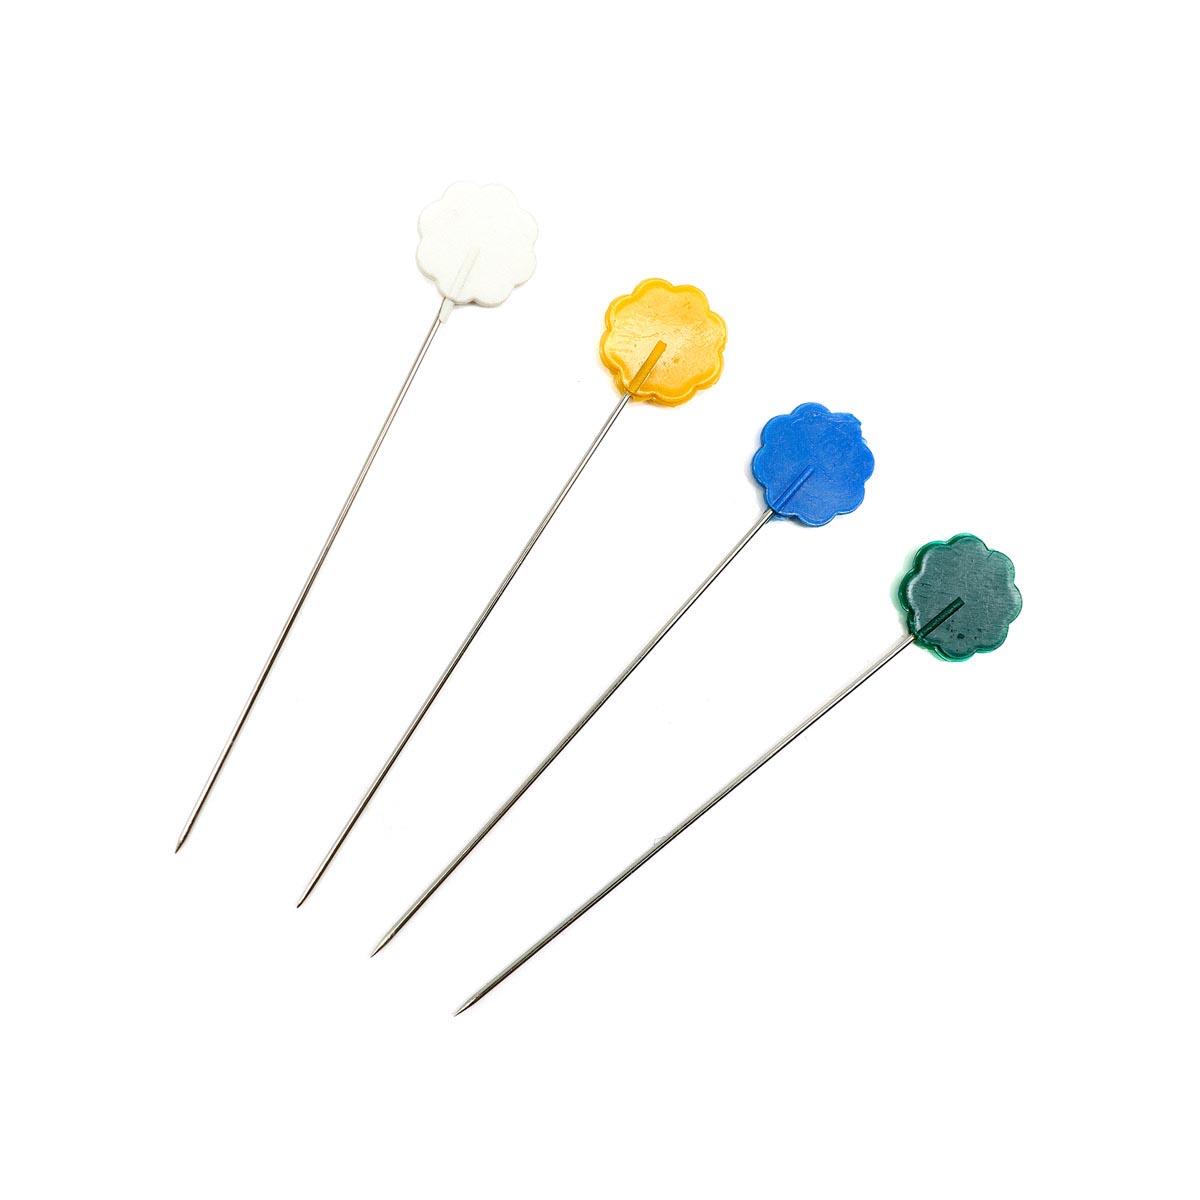 67701 Булавки с цветной головкой в форме цветка 0,53мм/53мм, сталь/пластик, 5гр PONY